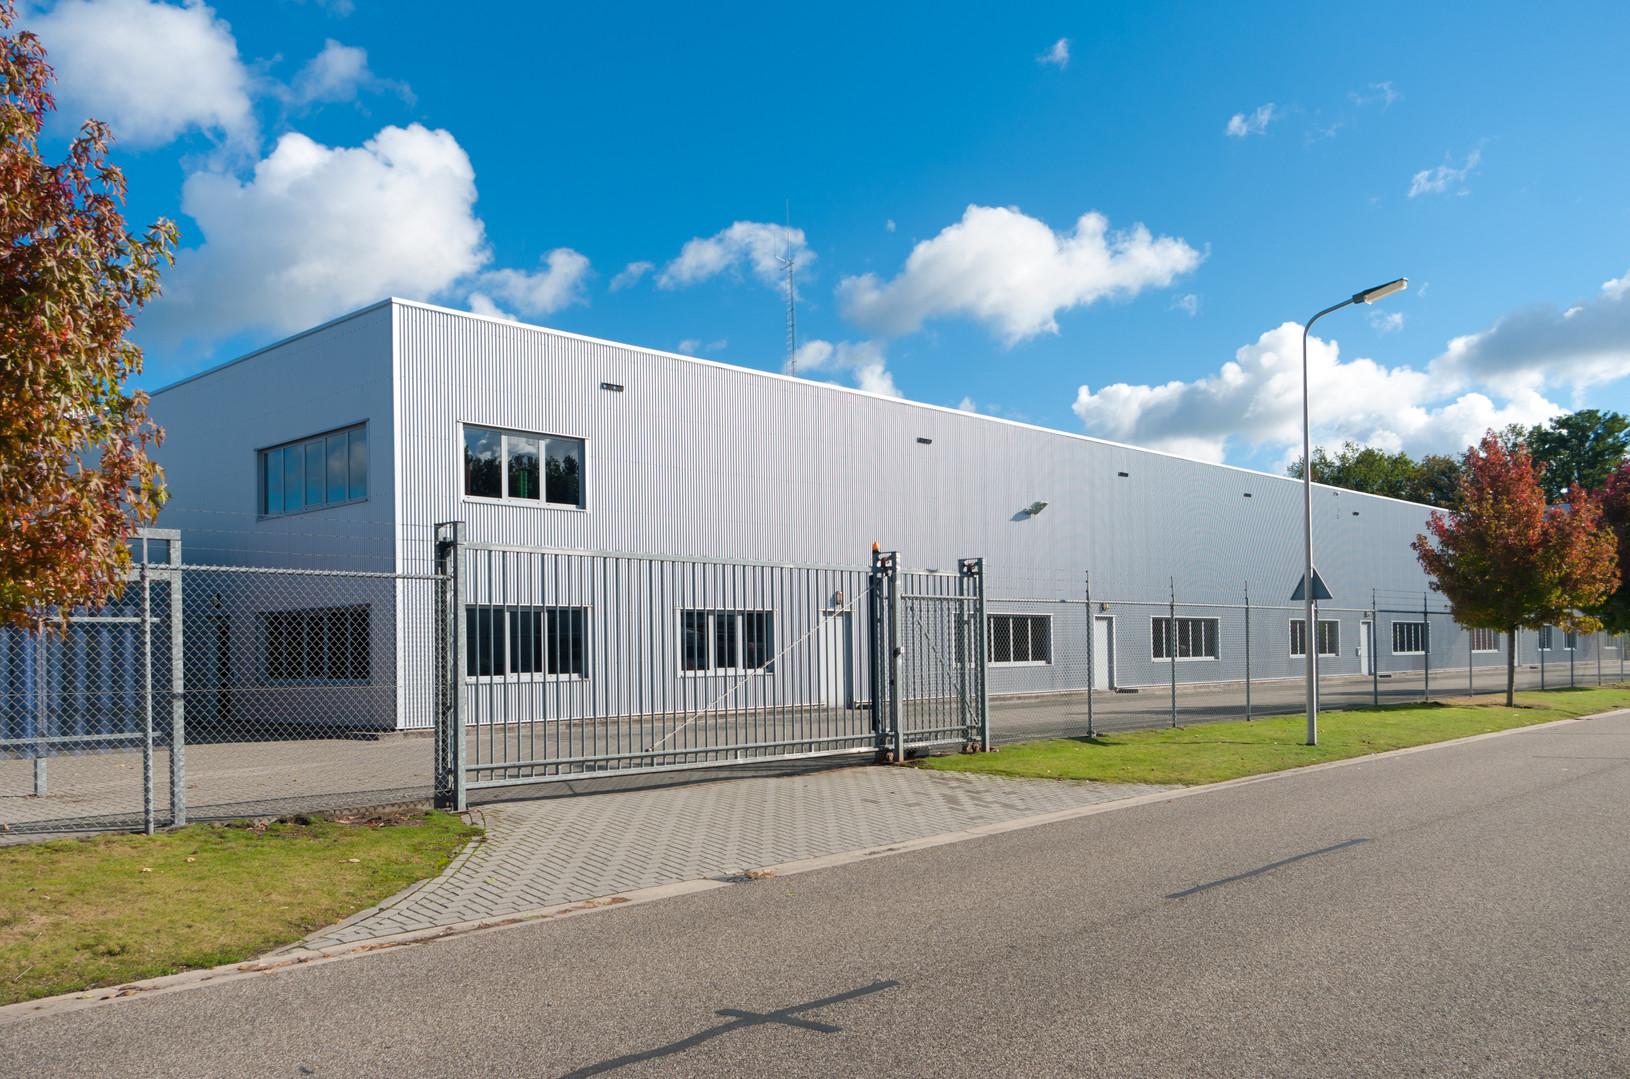 modern exterior of an industrial buildin